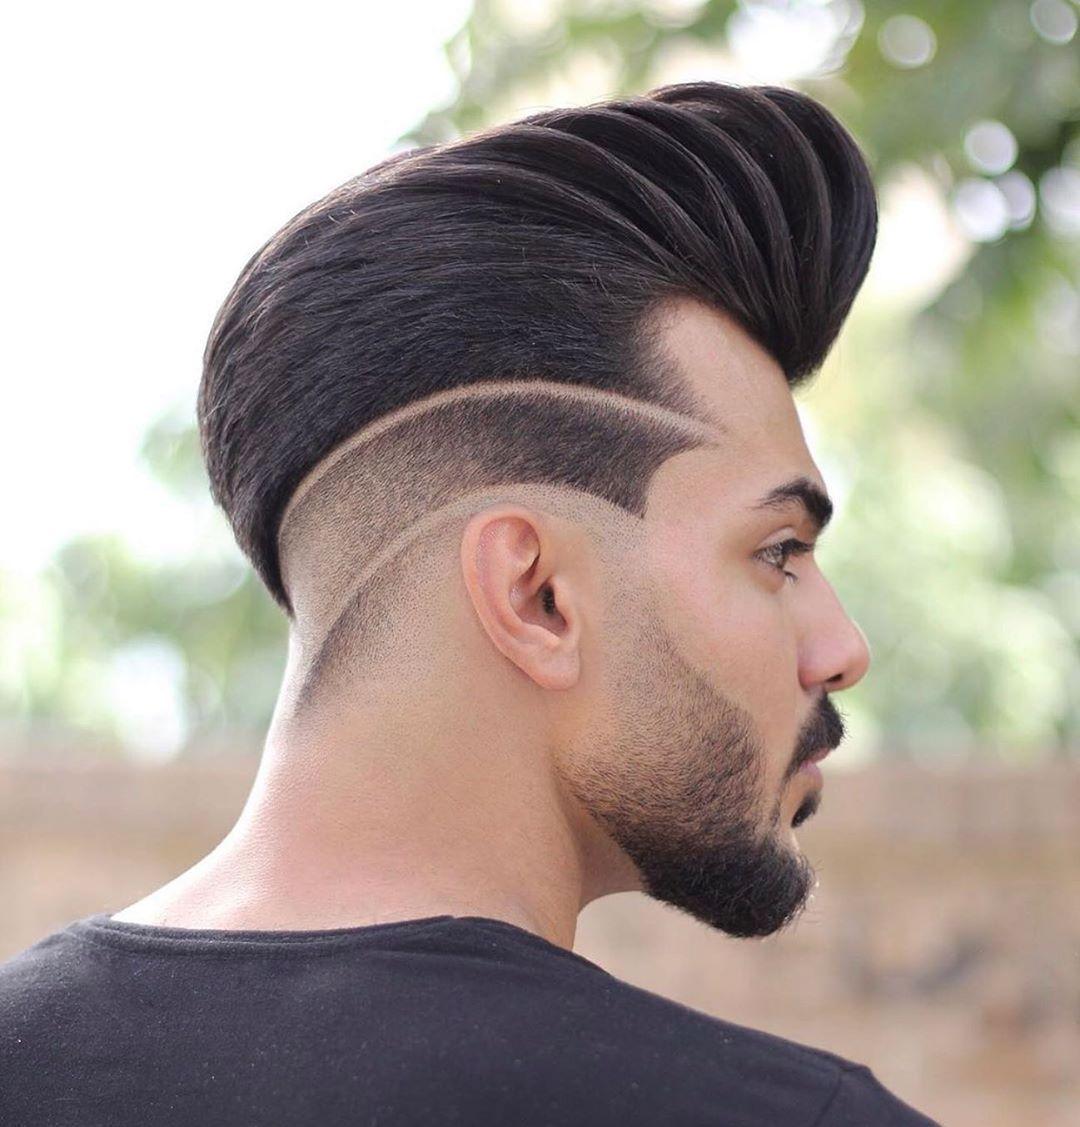 Epingle Par Shakeebuddin Mohammed Sur Imagn Coiffure Homme Coupe Homme Types De Cheveux Boucles